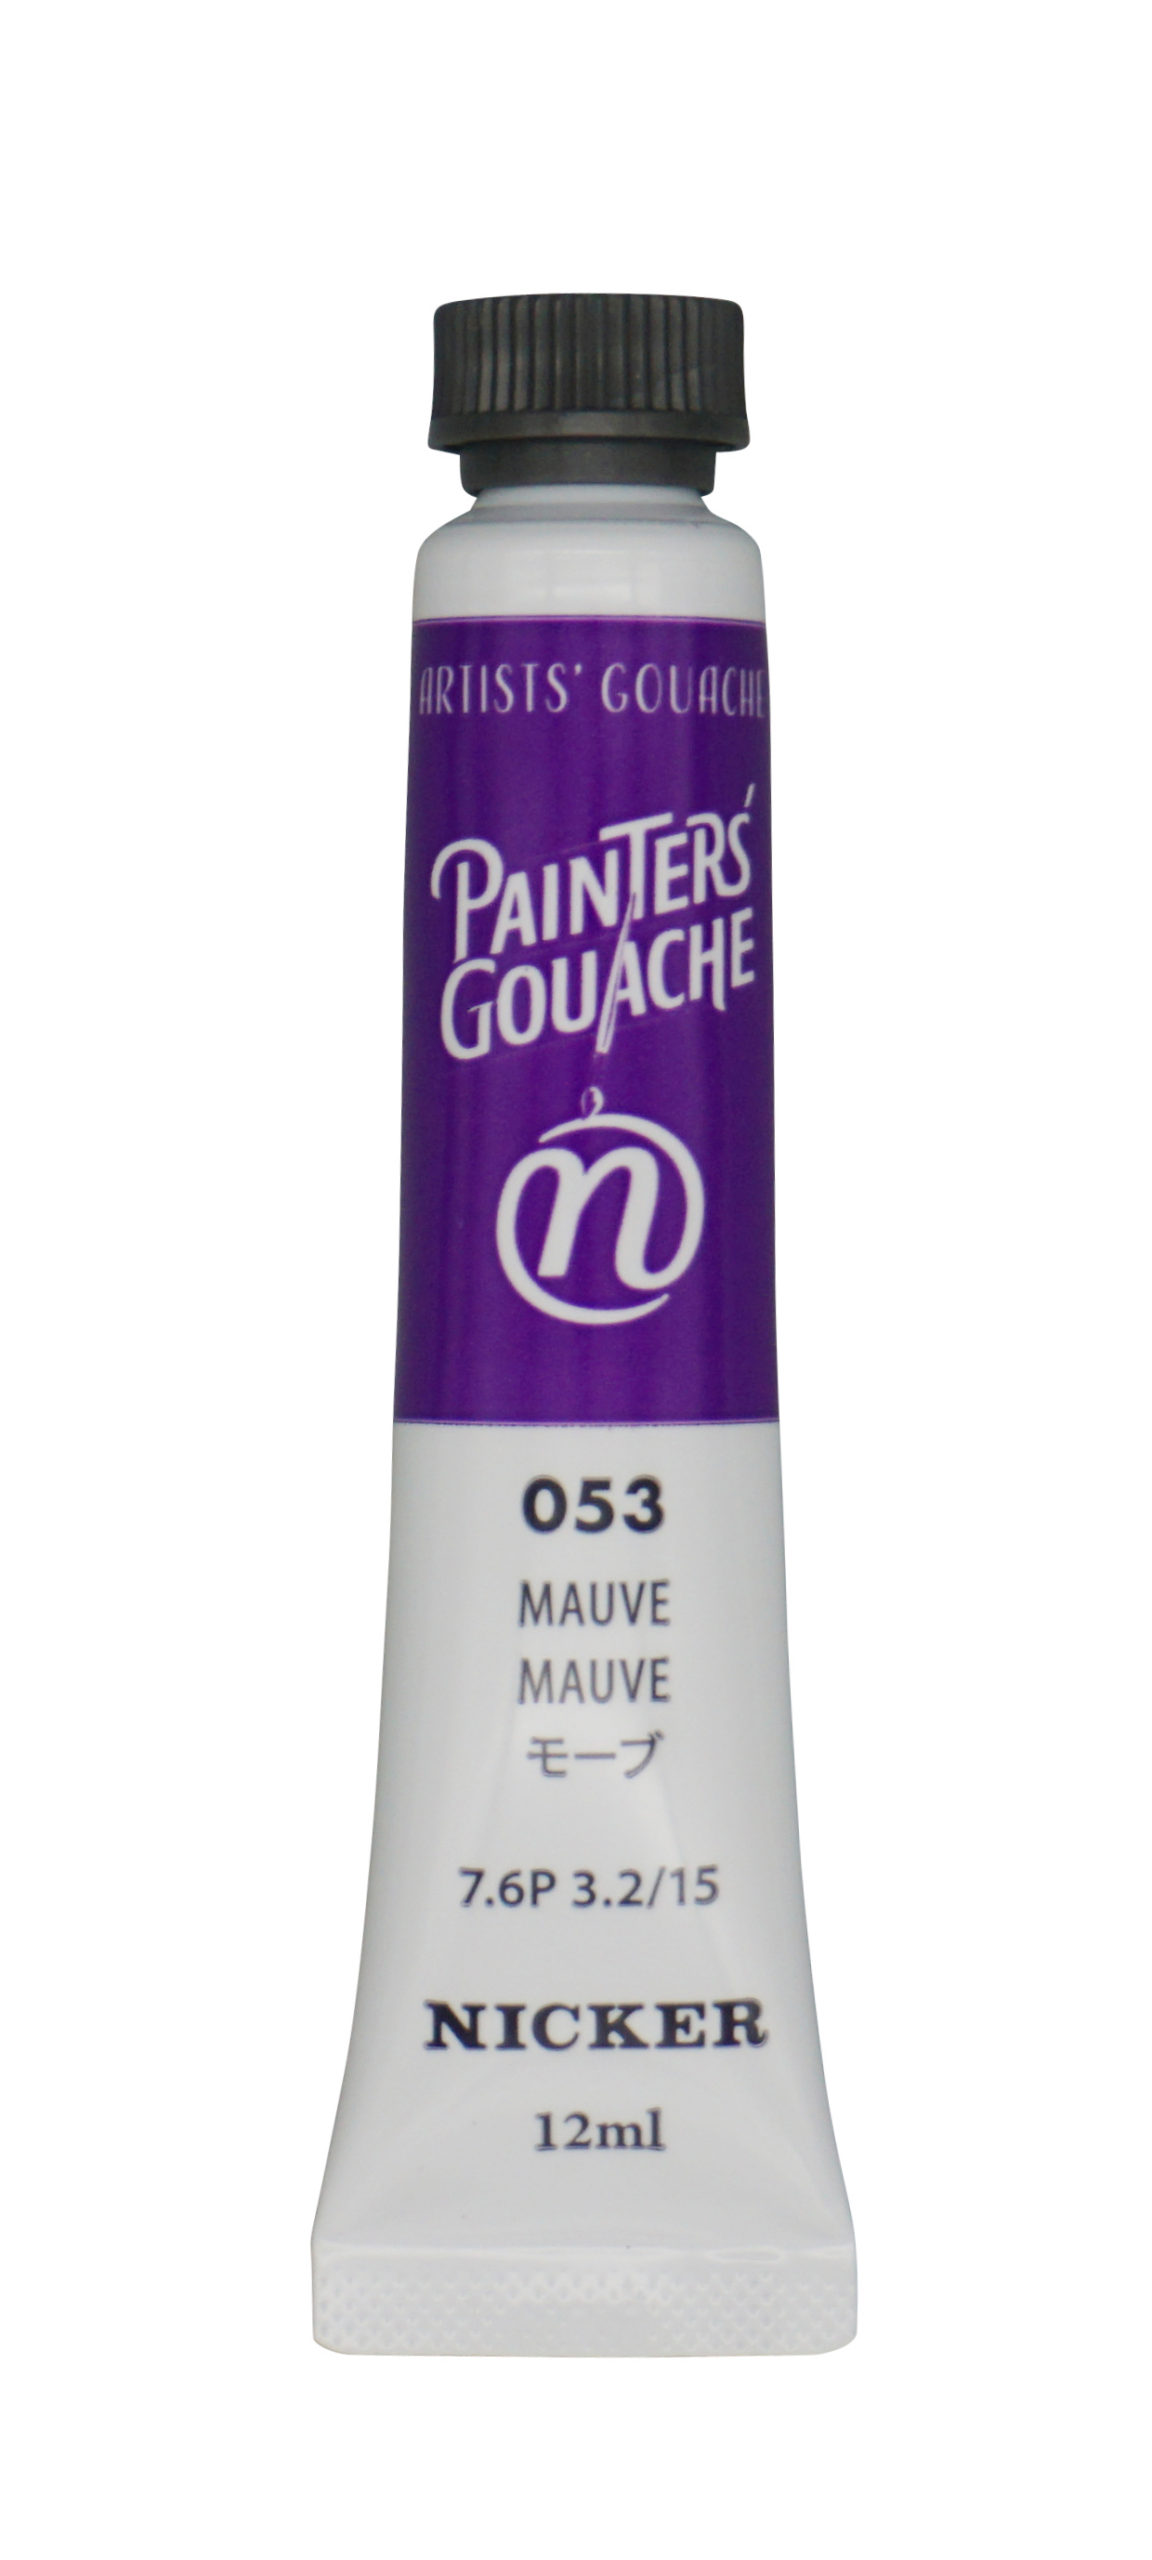 PAINTER'S GOUACHE MAUVE